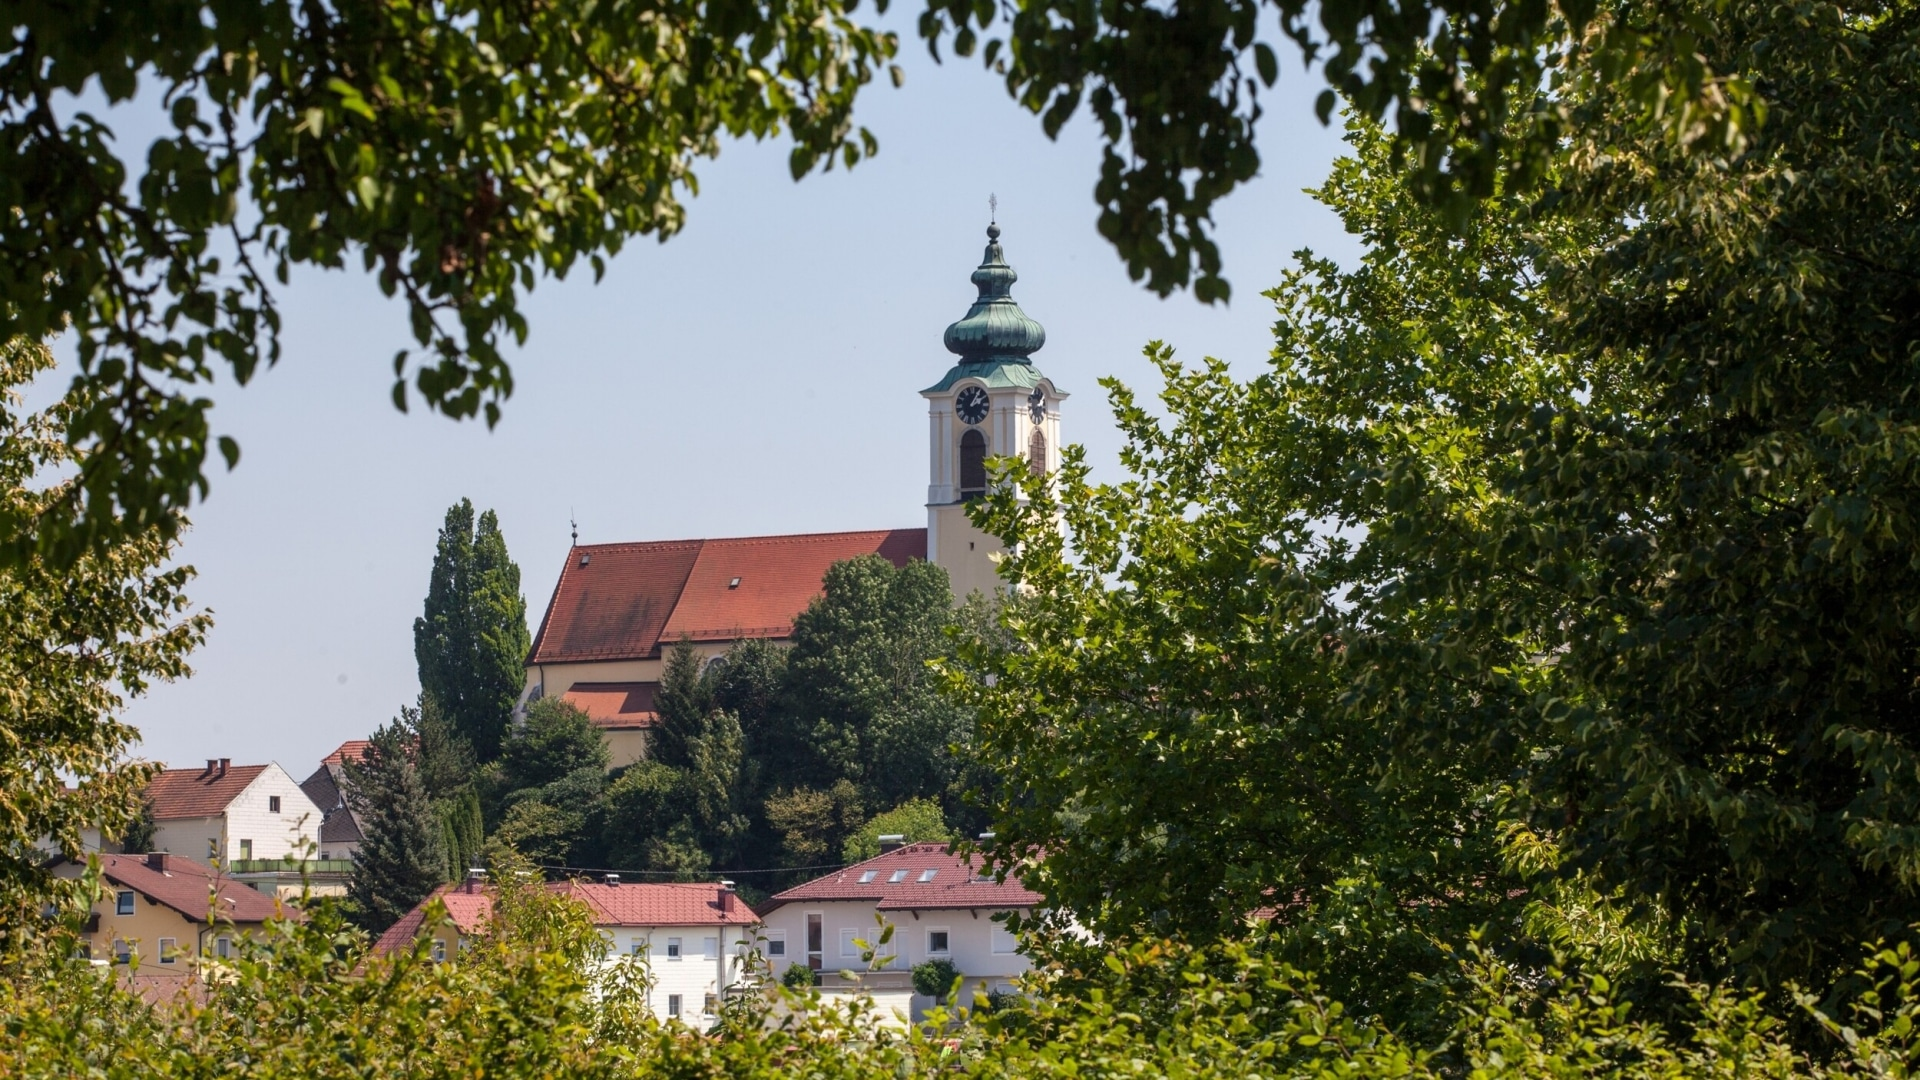 Kirche Pfarrkirchen © horst bachofner